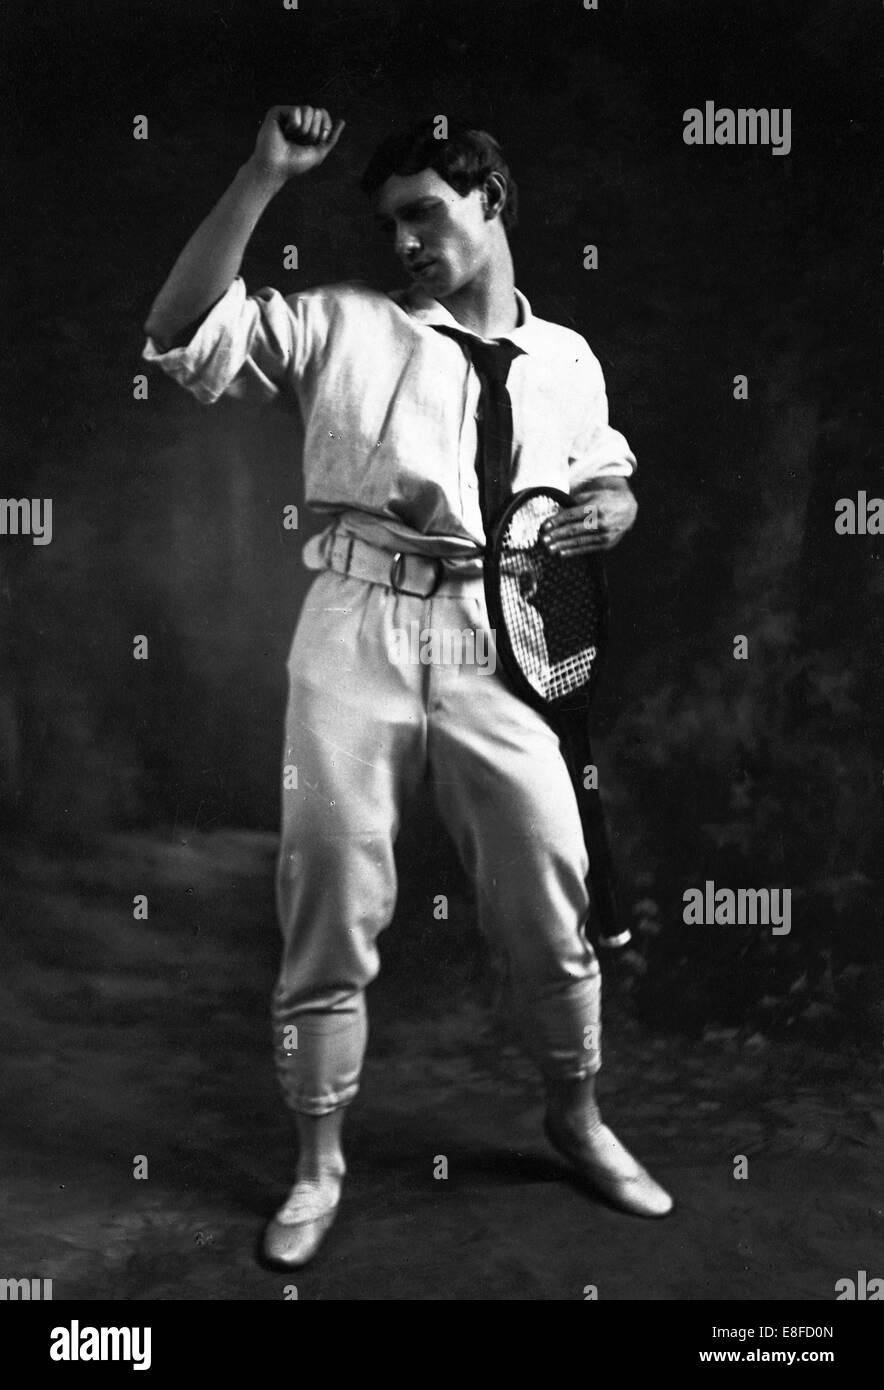 Vaslav Nijinsky en el Ballet Jeux de Claude Debussy. Artista: Gerschel, CHARLES (1871-1948) Foto de stock